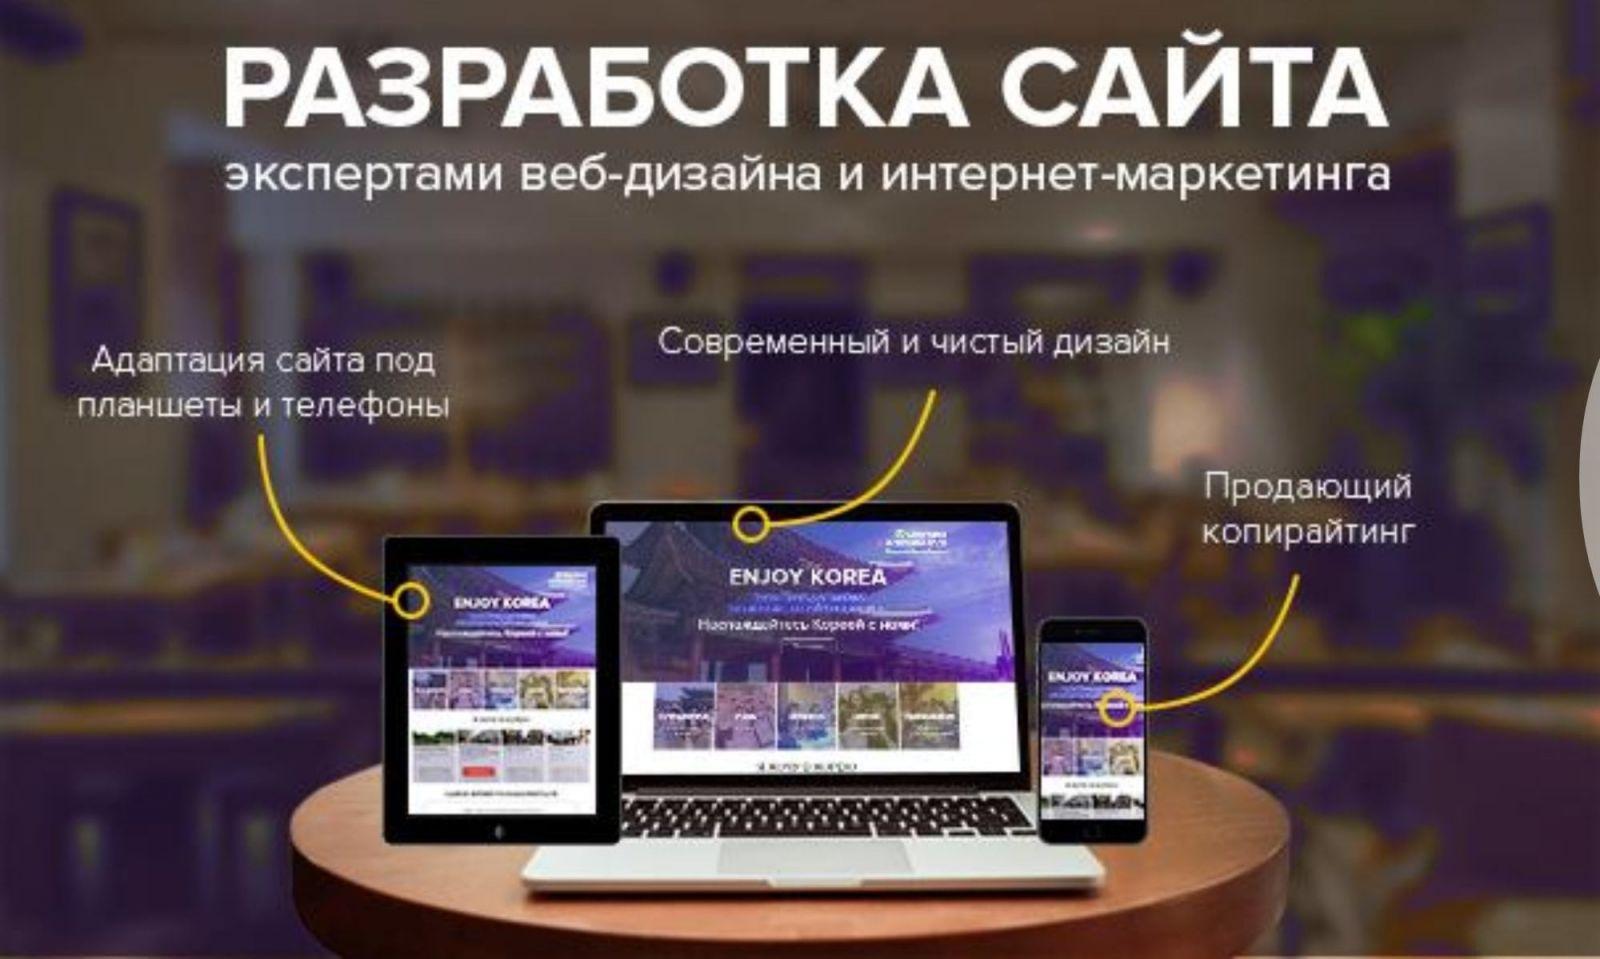 сайты для продажи фотографий в интернете дорого в москве